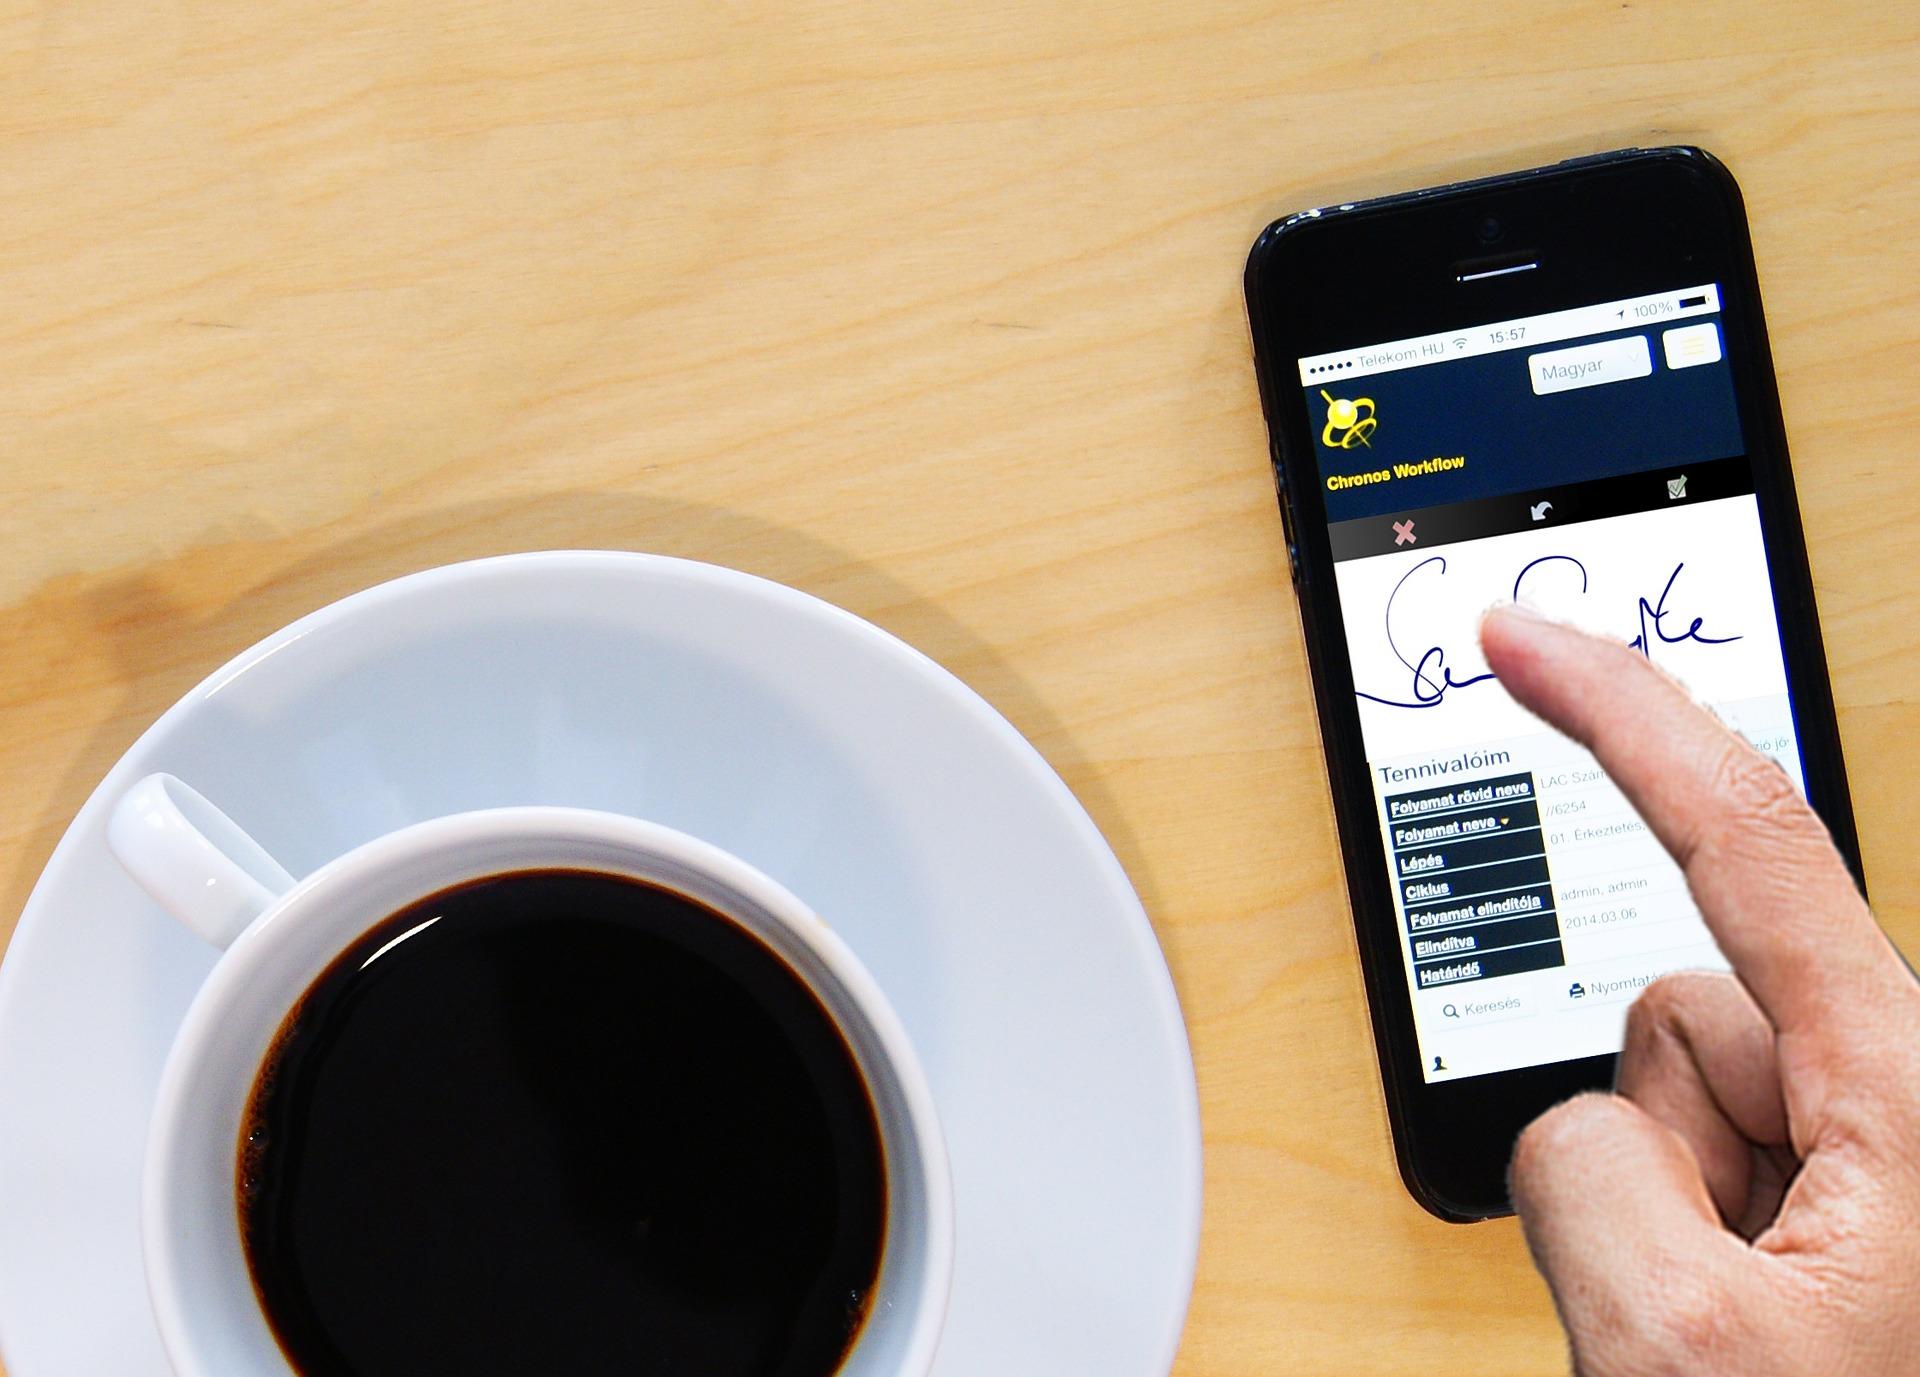 في إطار جهود الدولة للتحول الرقمي الذكي..الإمارات تشهد نمواً في توفير خدمة التوقيع الالكتروني